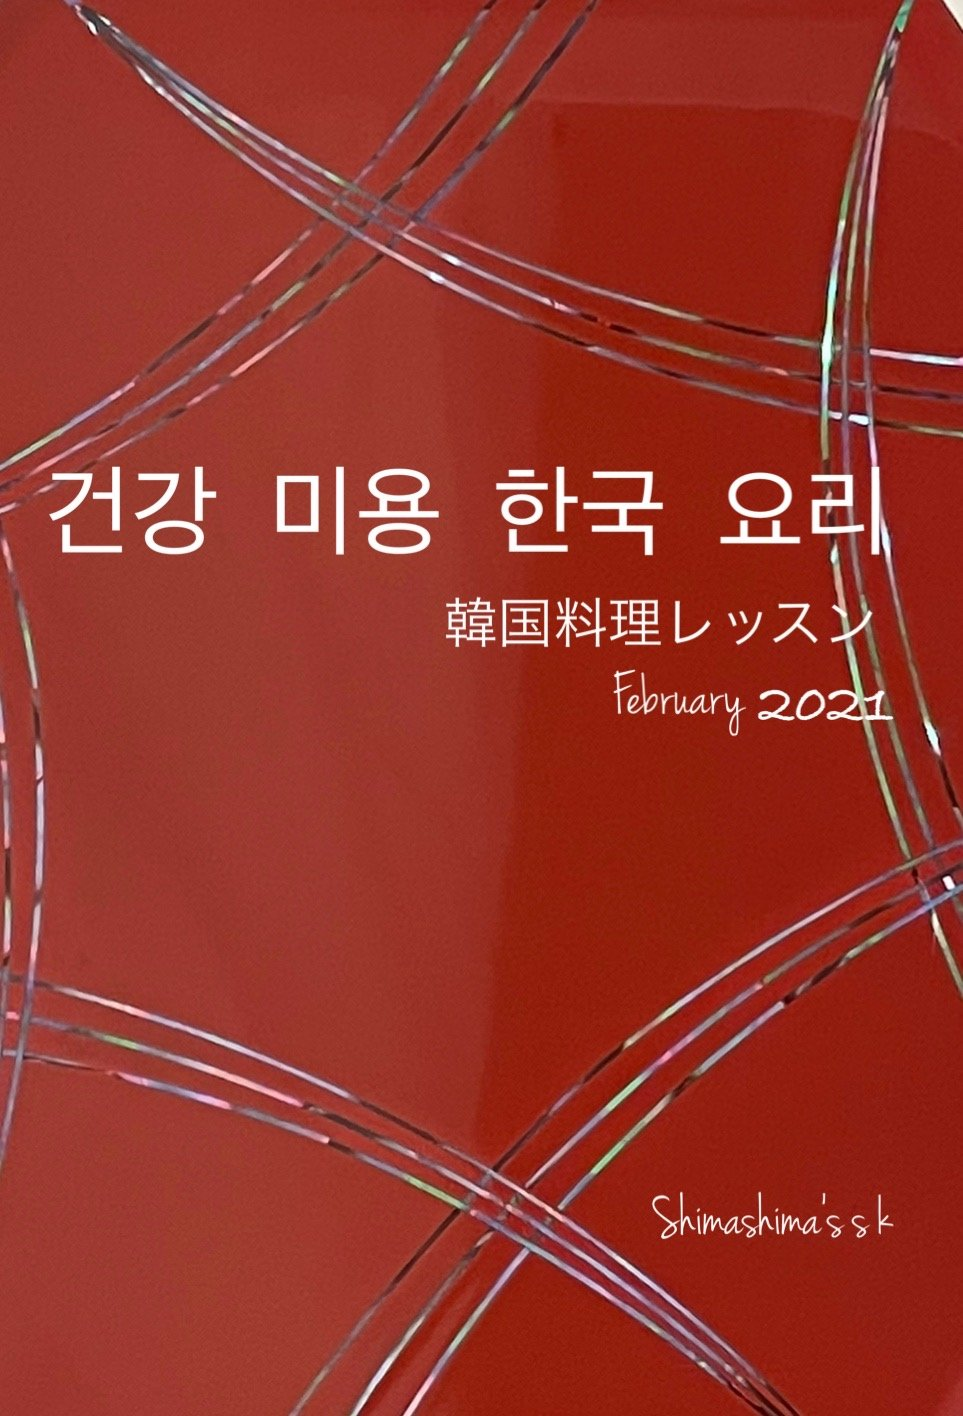 2.3月のクッキング&テーブル 韓国料理レッスン 「ヘルシー・ビューティー韓国料理」のイメージその1